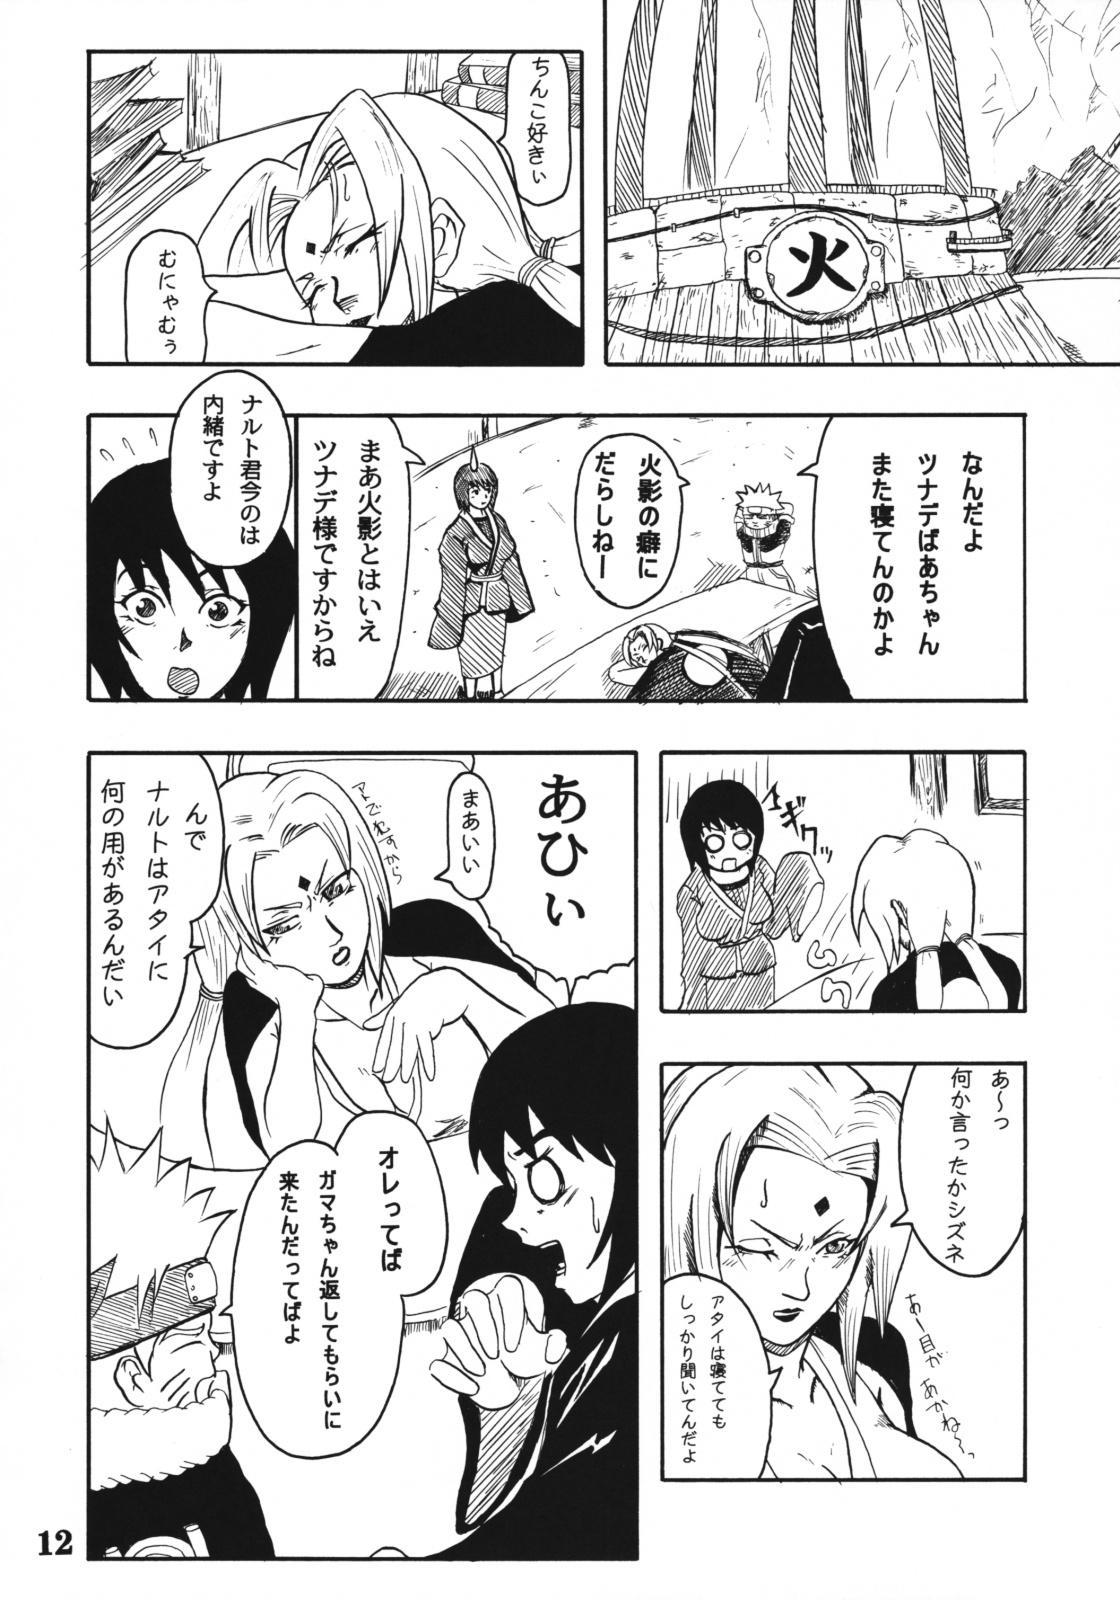 Koki no Tane 10